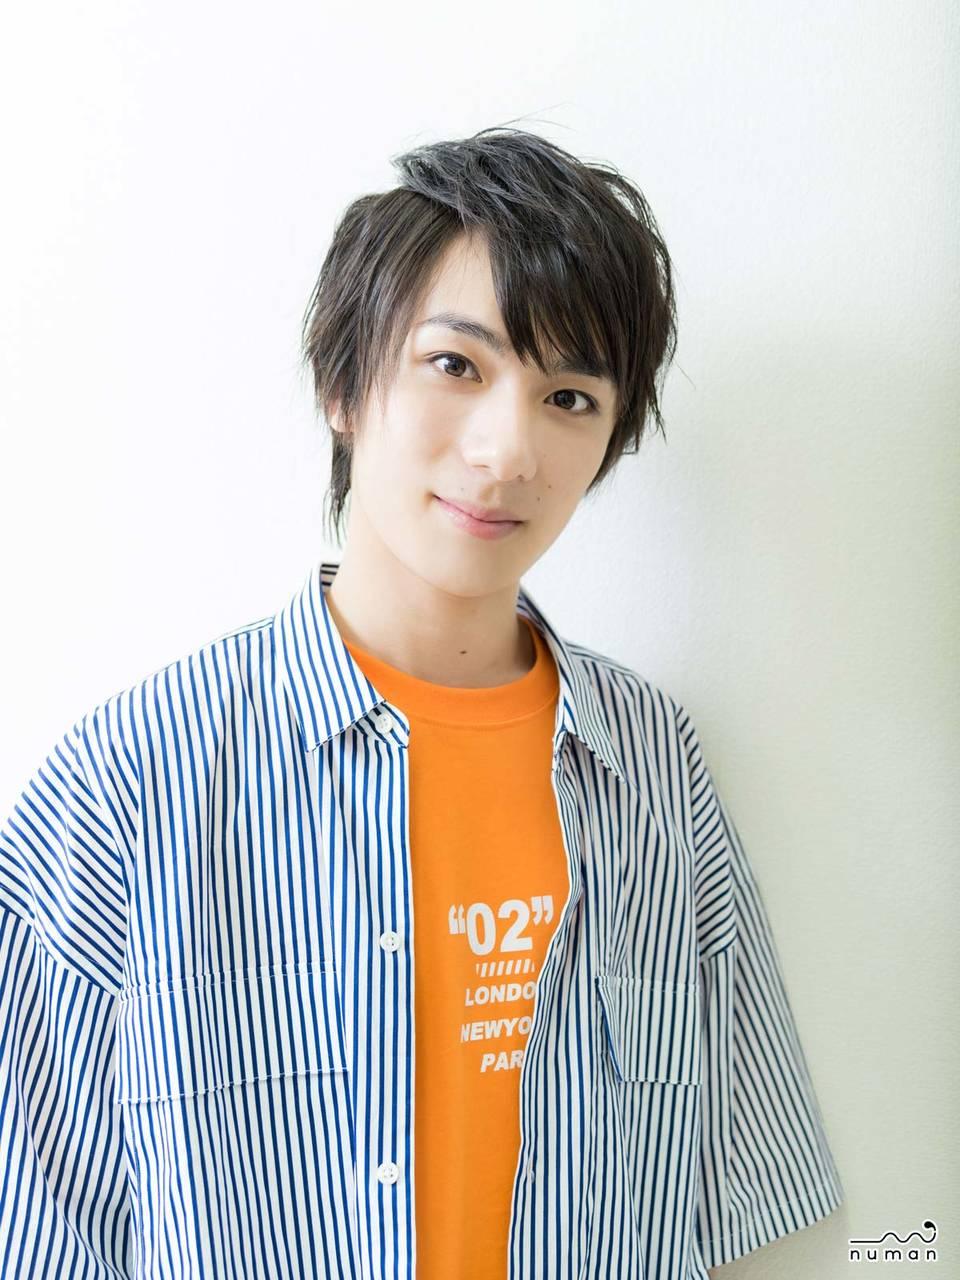 永田聖一朗さんプロフィール画像 沼落ち5秒前!